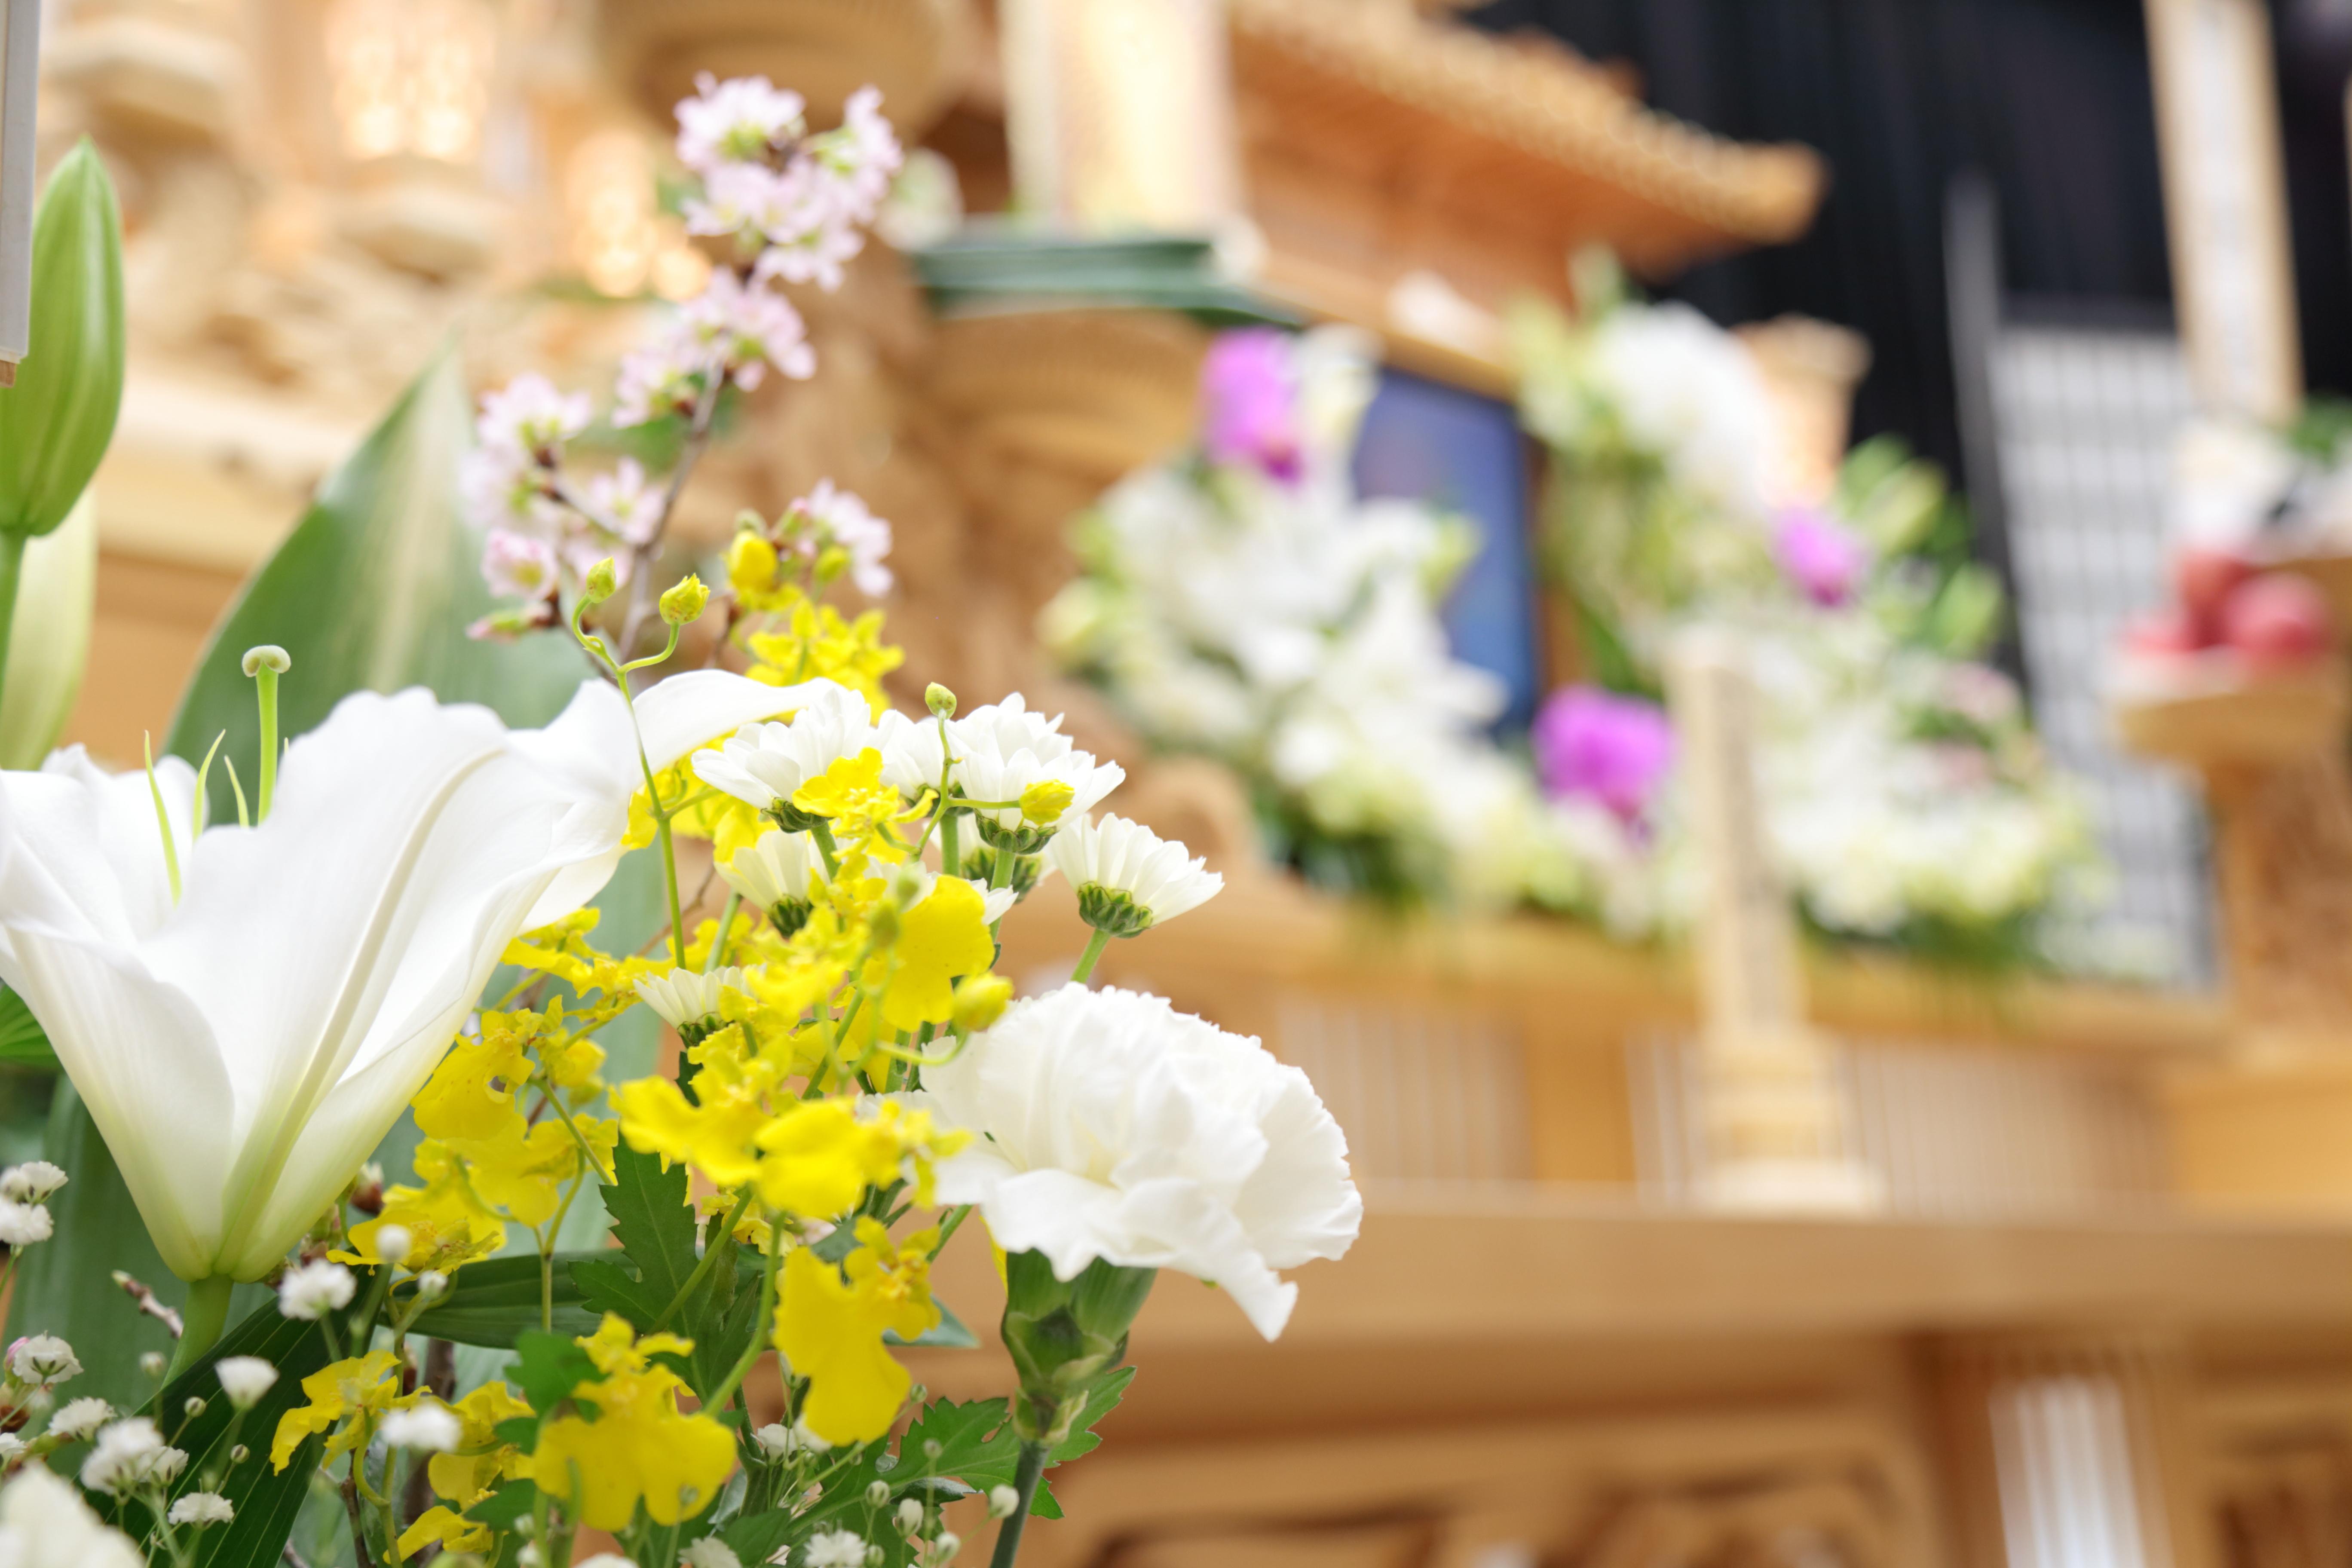 【葬儀】玉串料とは?玉串料の意味・書き方・包み方・相場を解説!のサムネイル画像